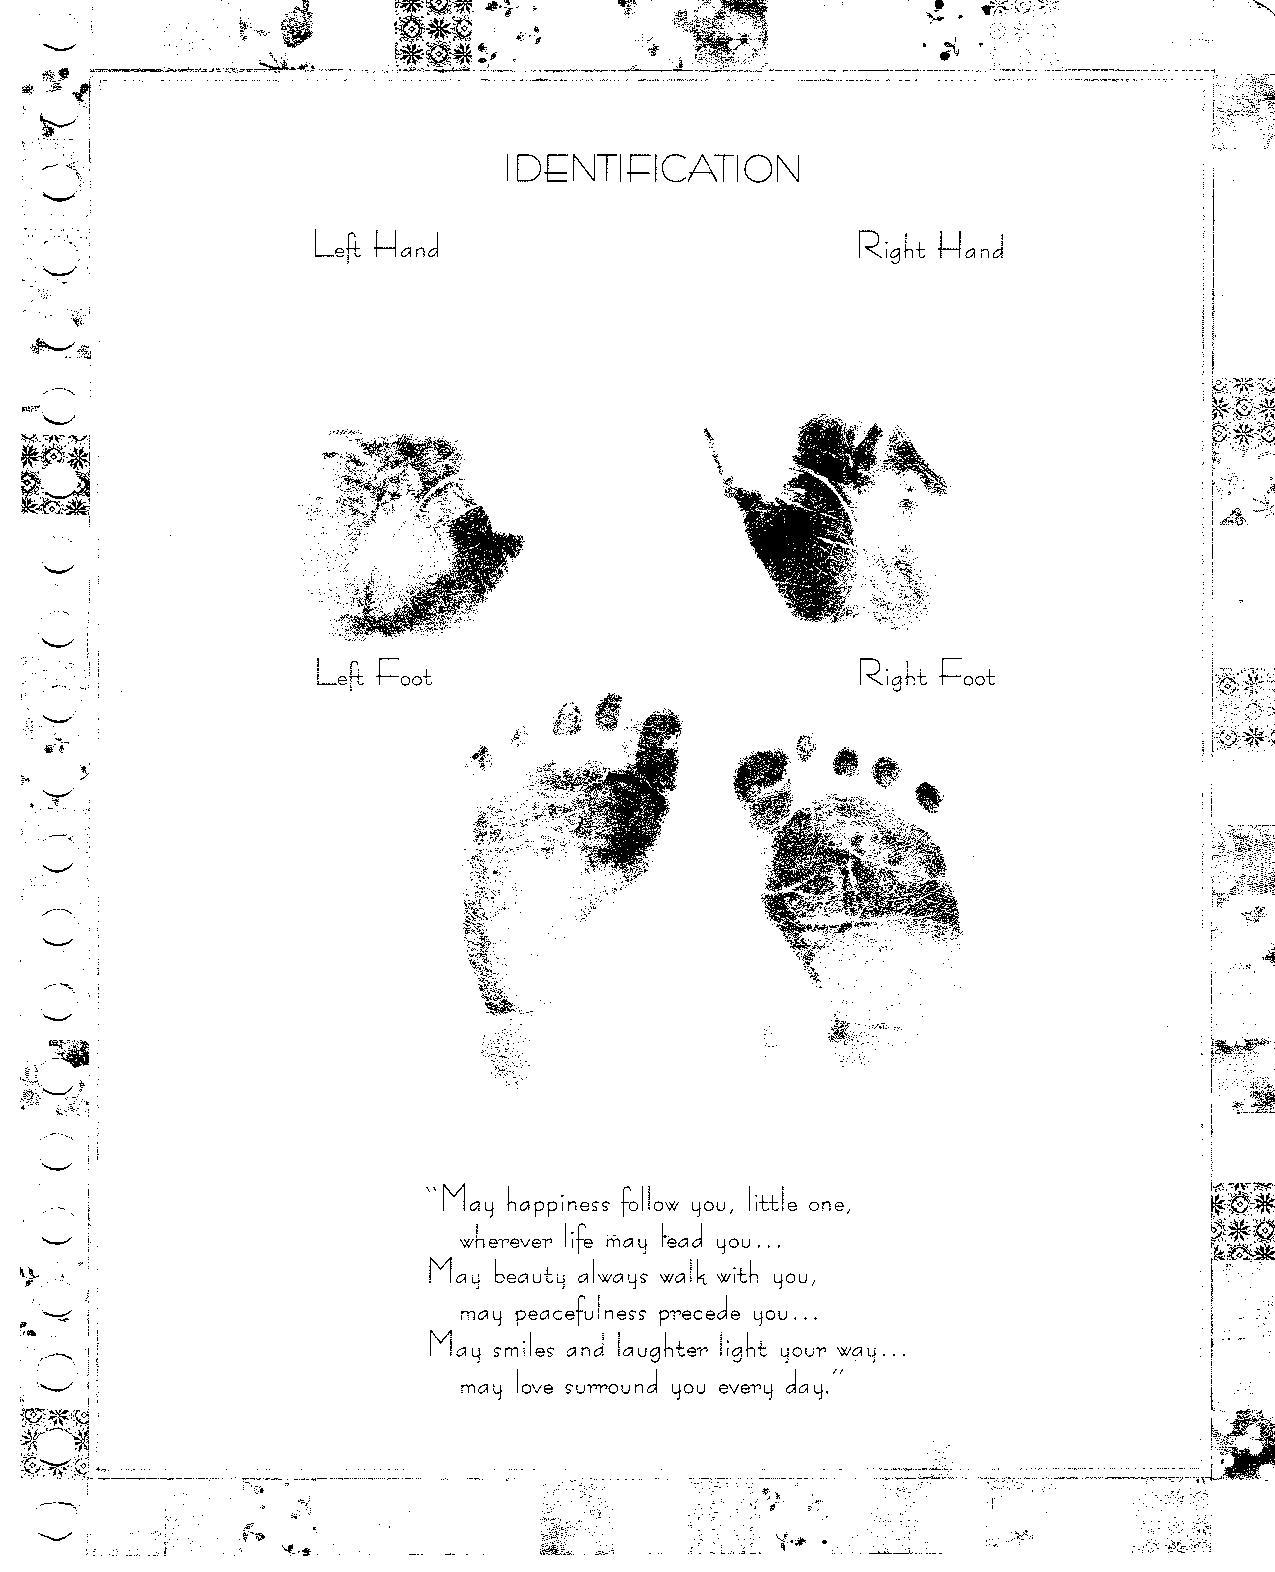 footprints001.jpg